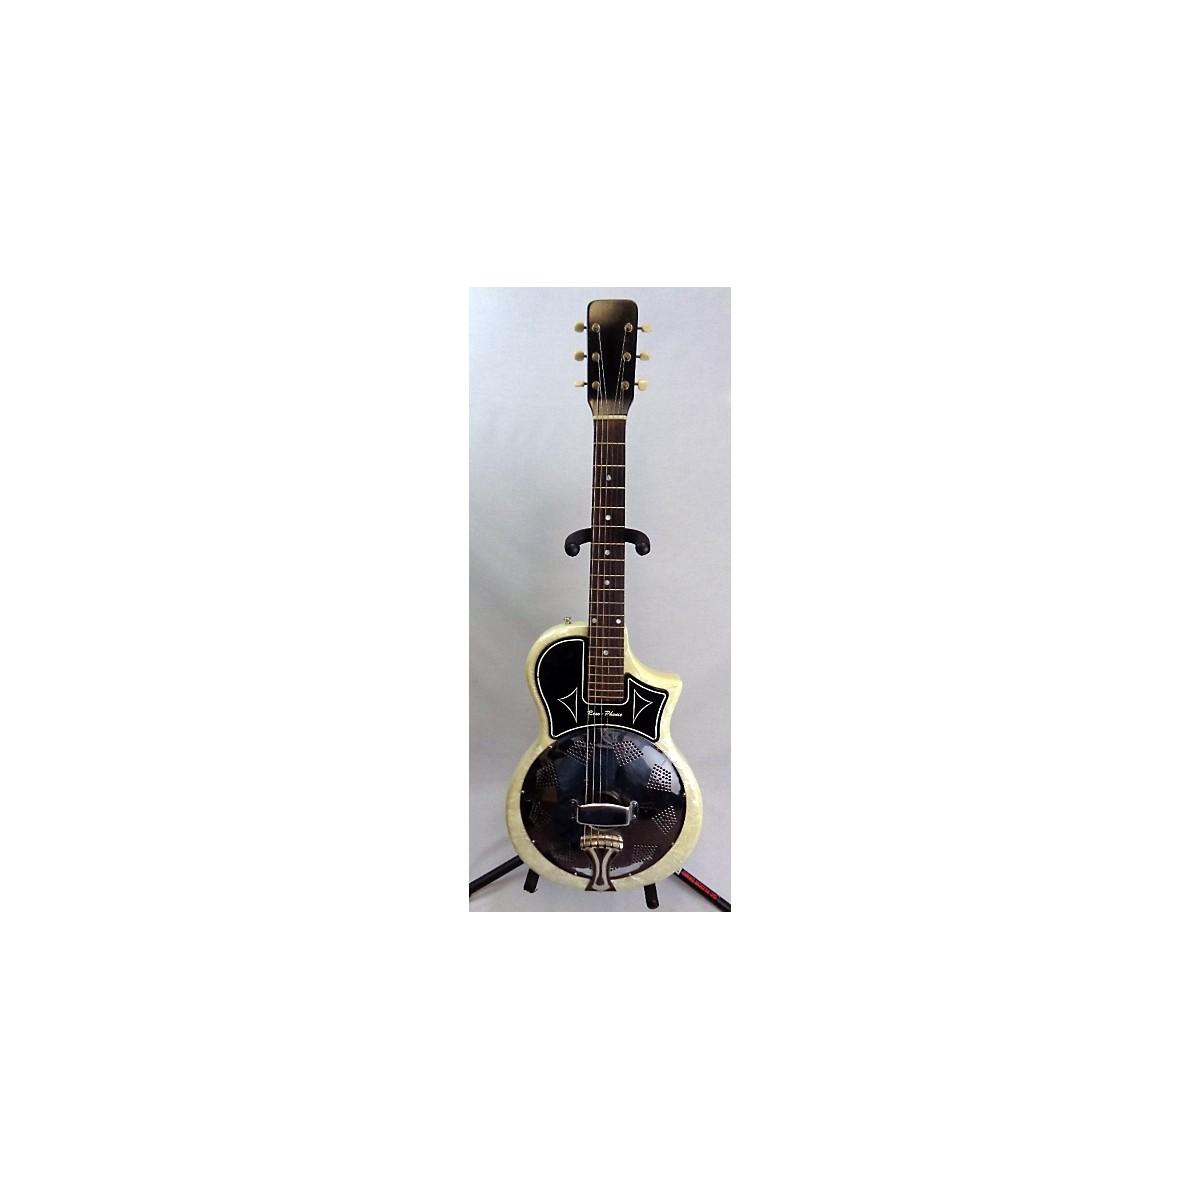 National 1966 Reso-phonic Resonator Guitar